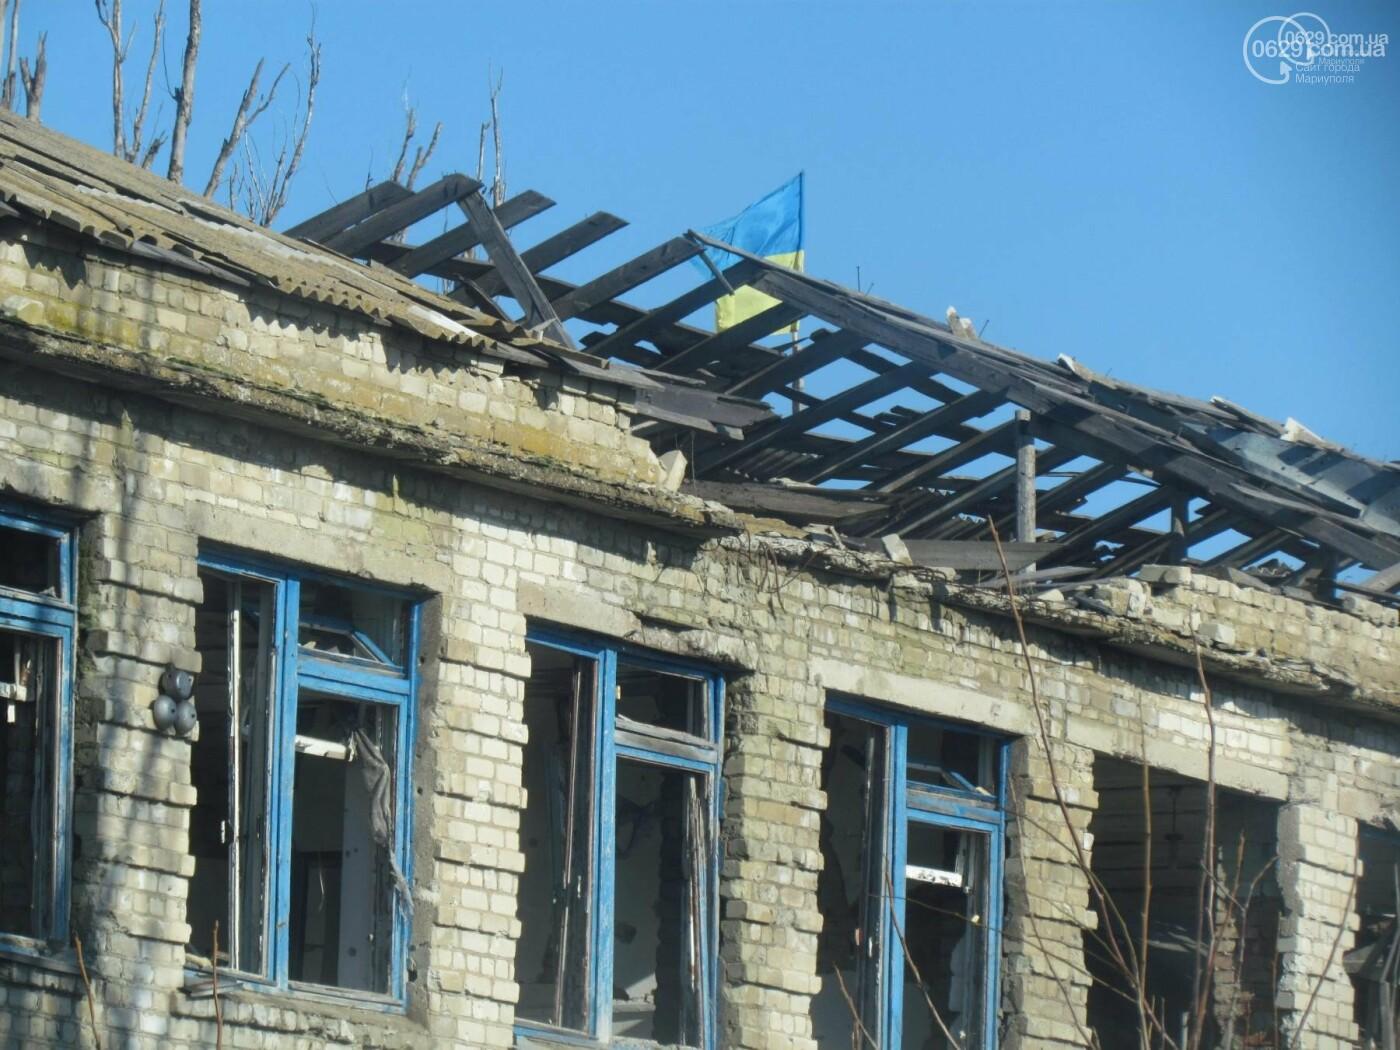 Переименование проспекта Ильича и эвакуация жителей Широкино. О чем писал 0629.com.ua 12 февраля, фото-4